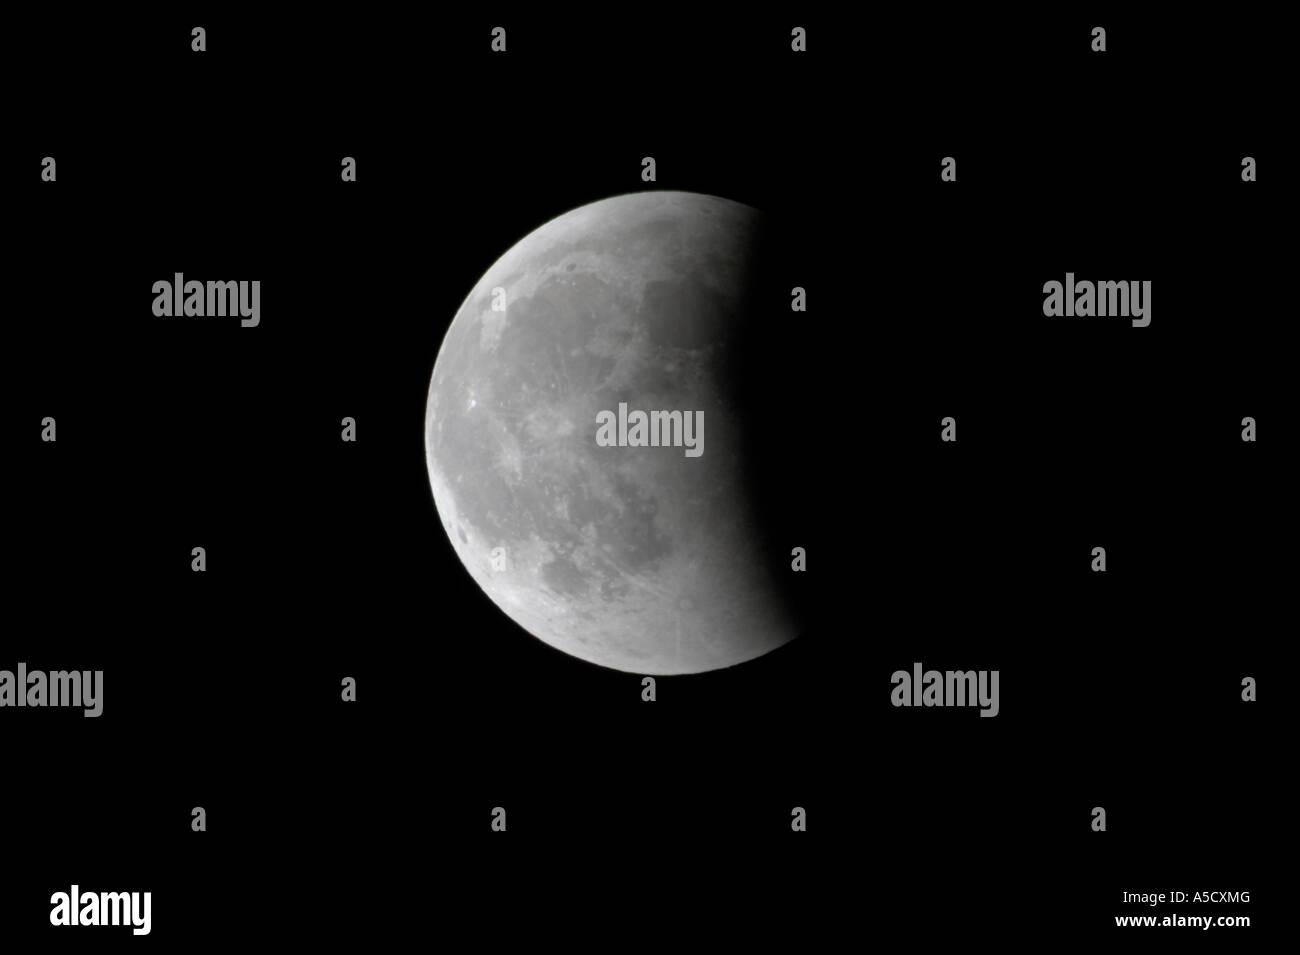 Mond entstanden fast aus Erden Schatten am Ende eine totale Mondfinsternis von Nordirland im März 2007 gesehen Stockbild